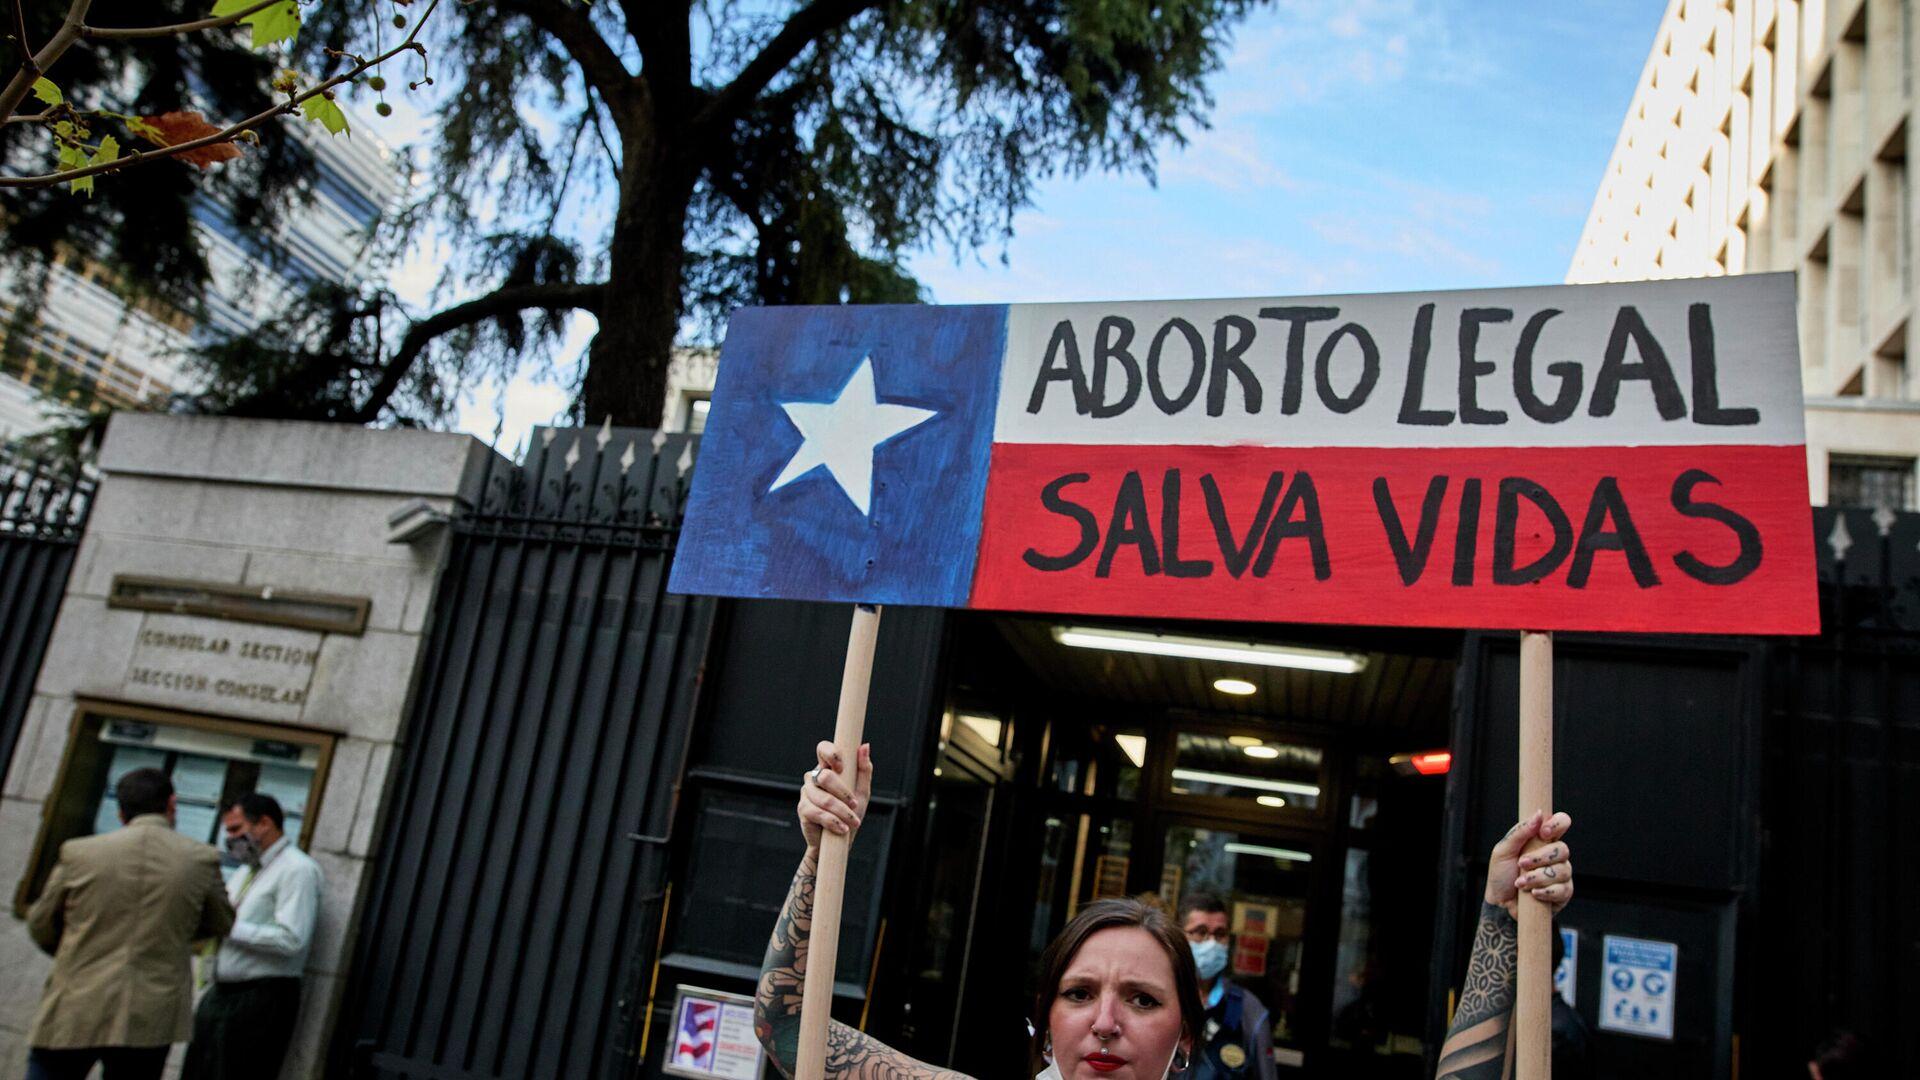 Una activista de Femen participa con una pancarta en una protesta contra la nueva ley del aborto que ha entrado en vigor en Texas, - Sputnik Mundo, 1920, 29.09.2021